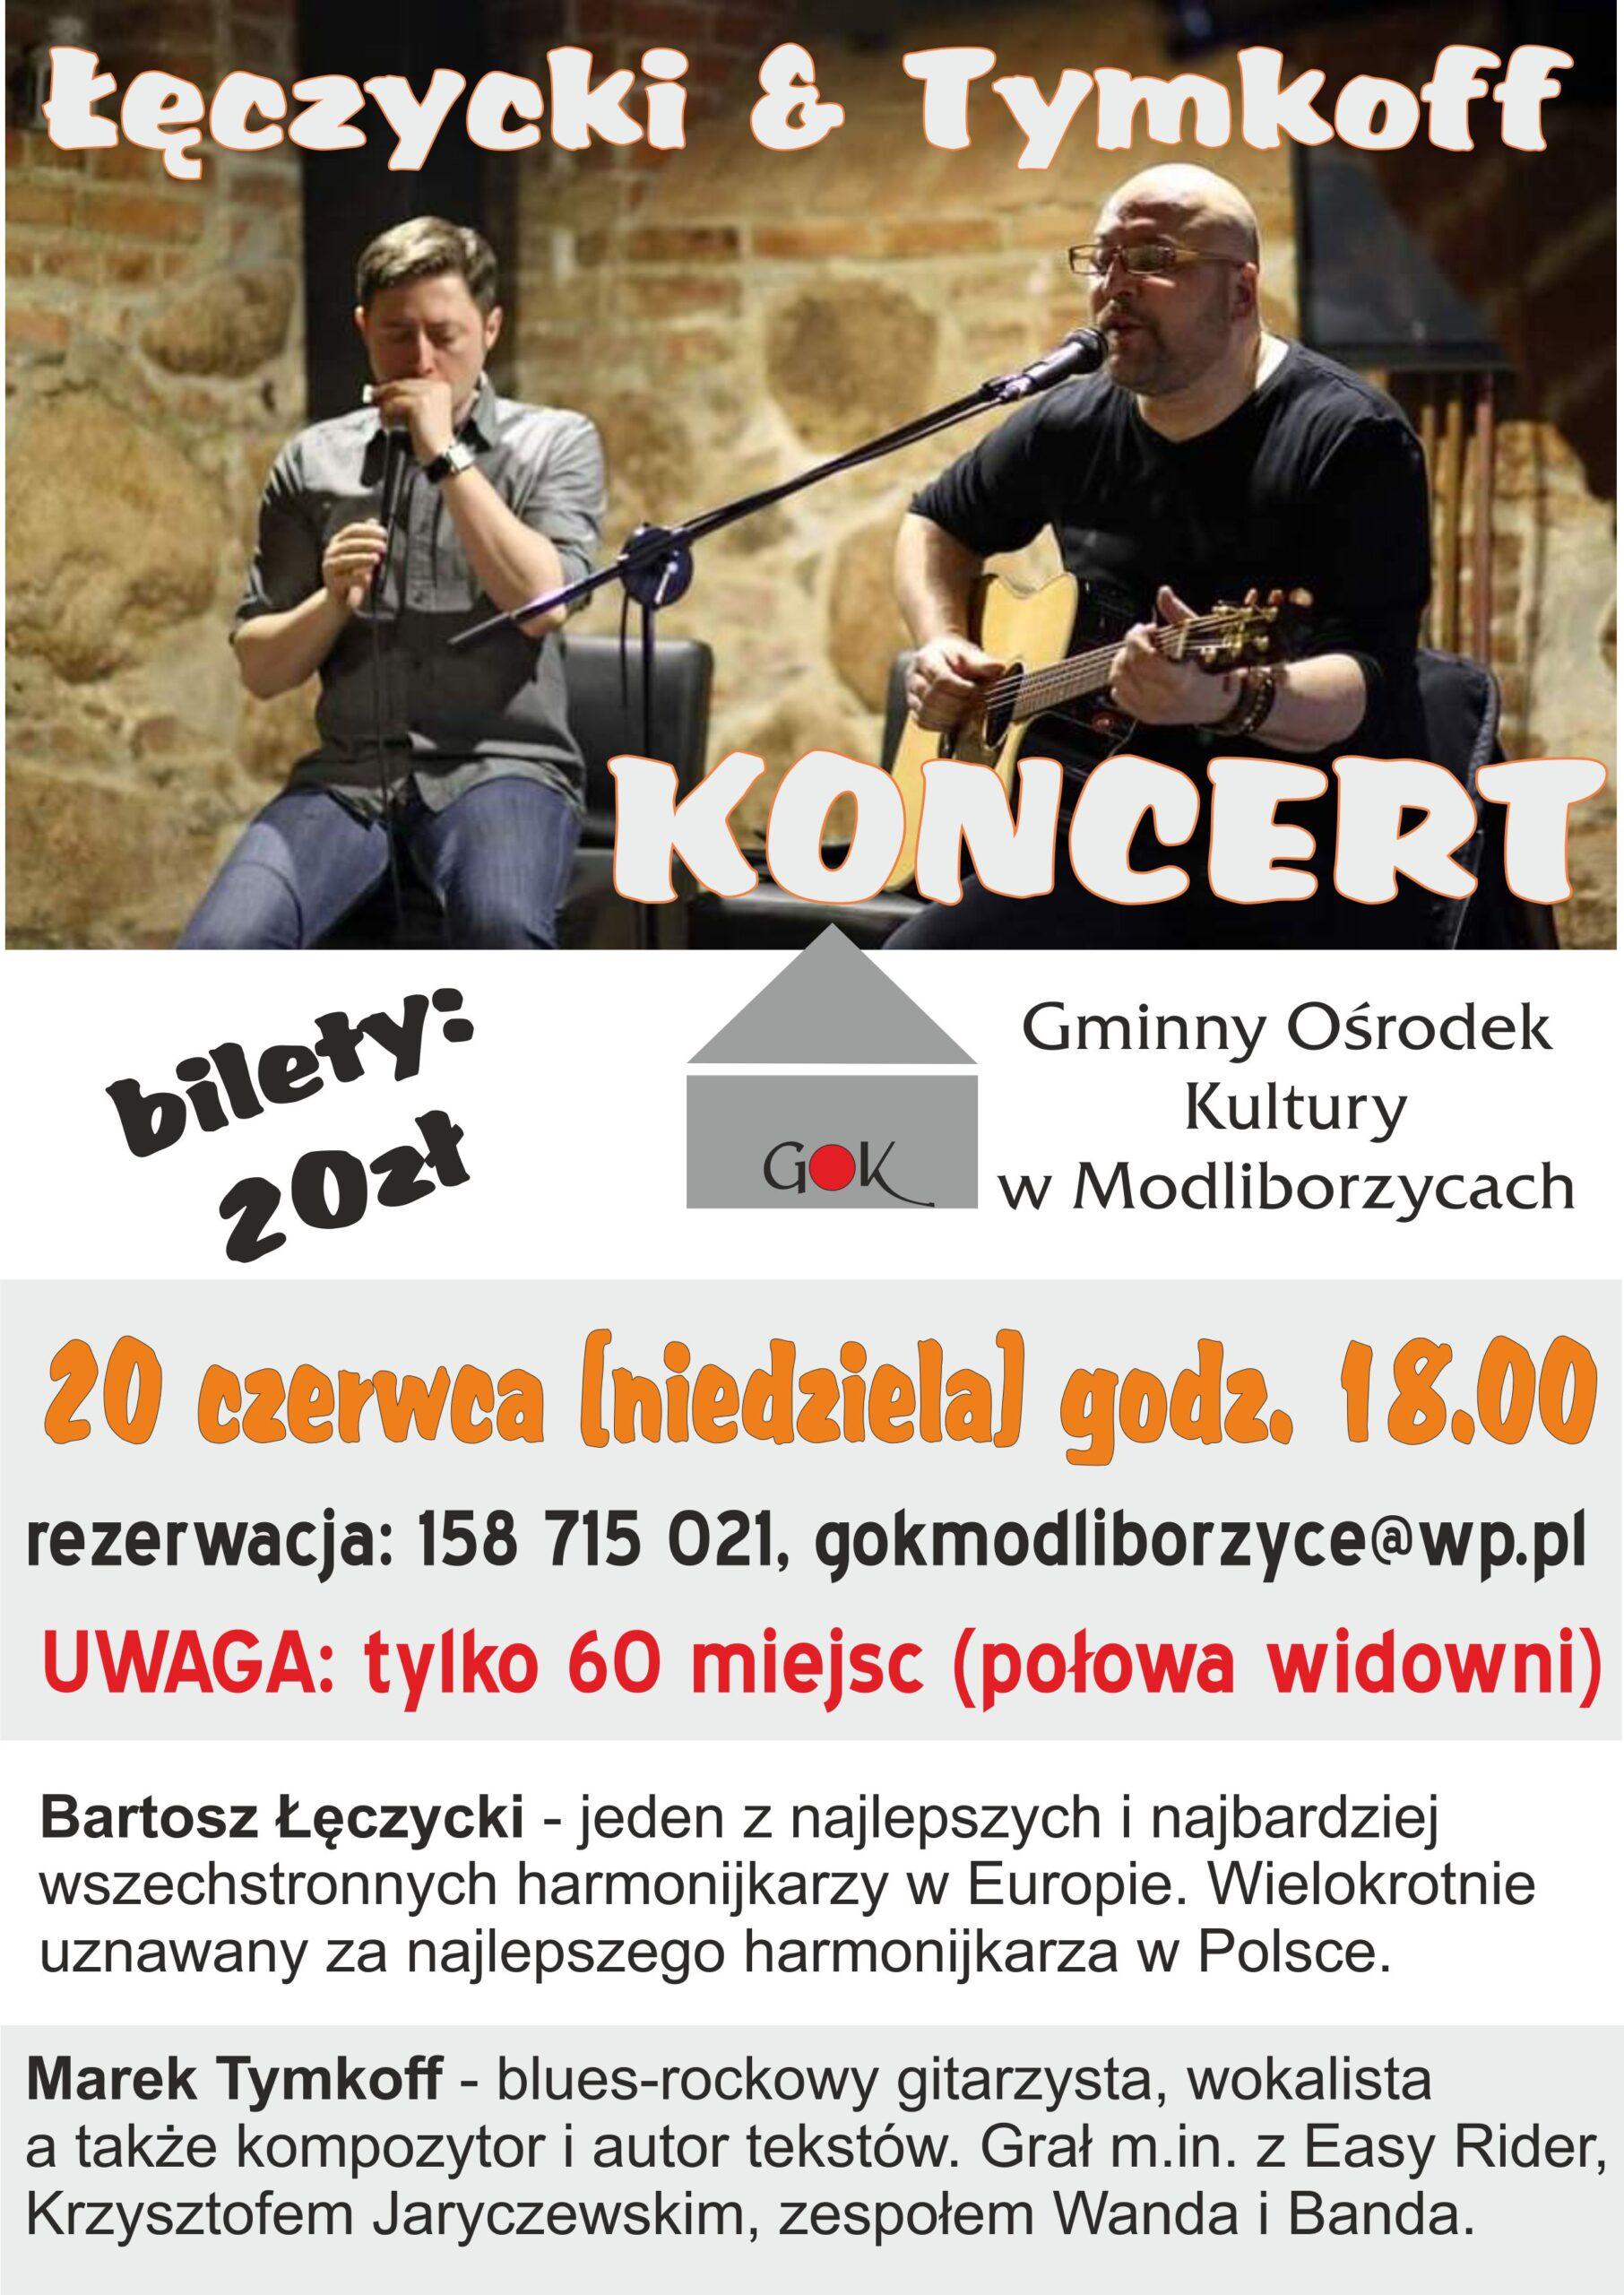 Łęczycki & Tymkoff – koncert w Gminnym Ośrodku Kultury w Modliborzycach